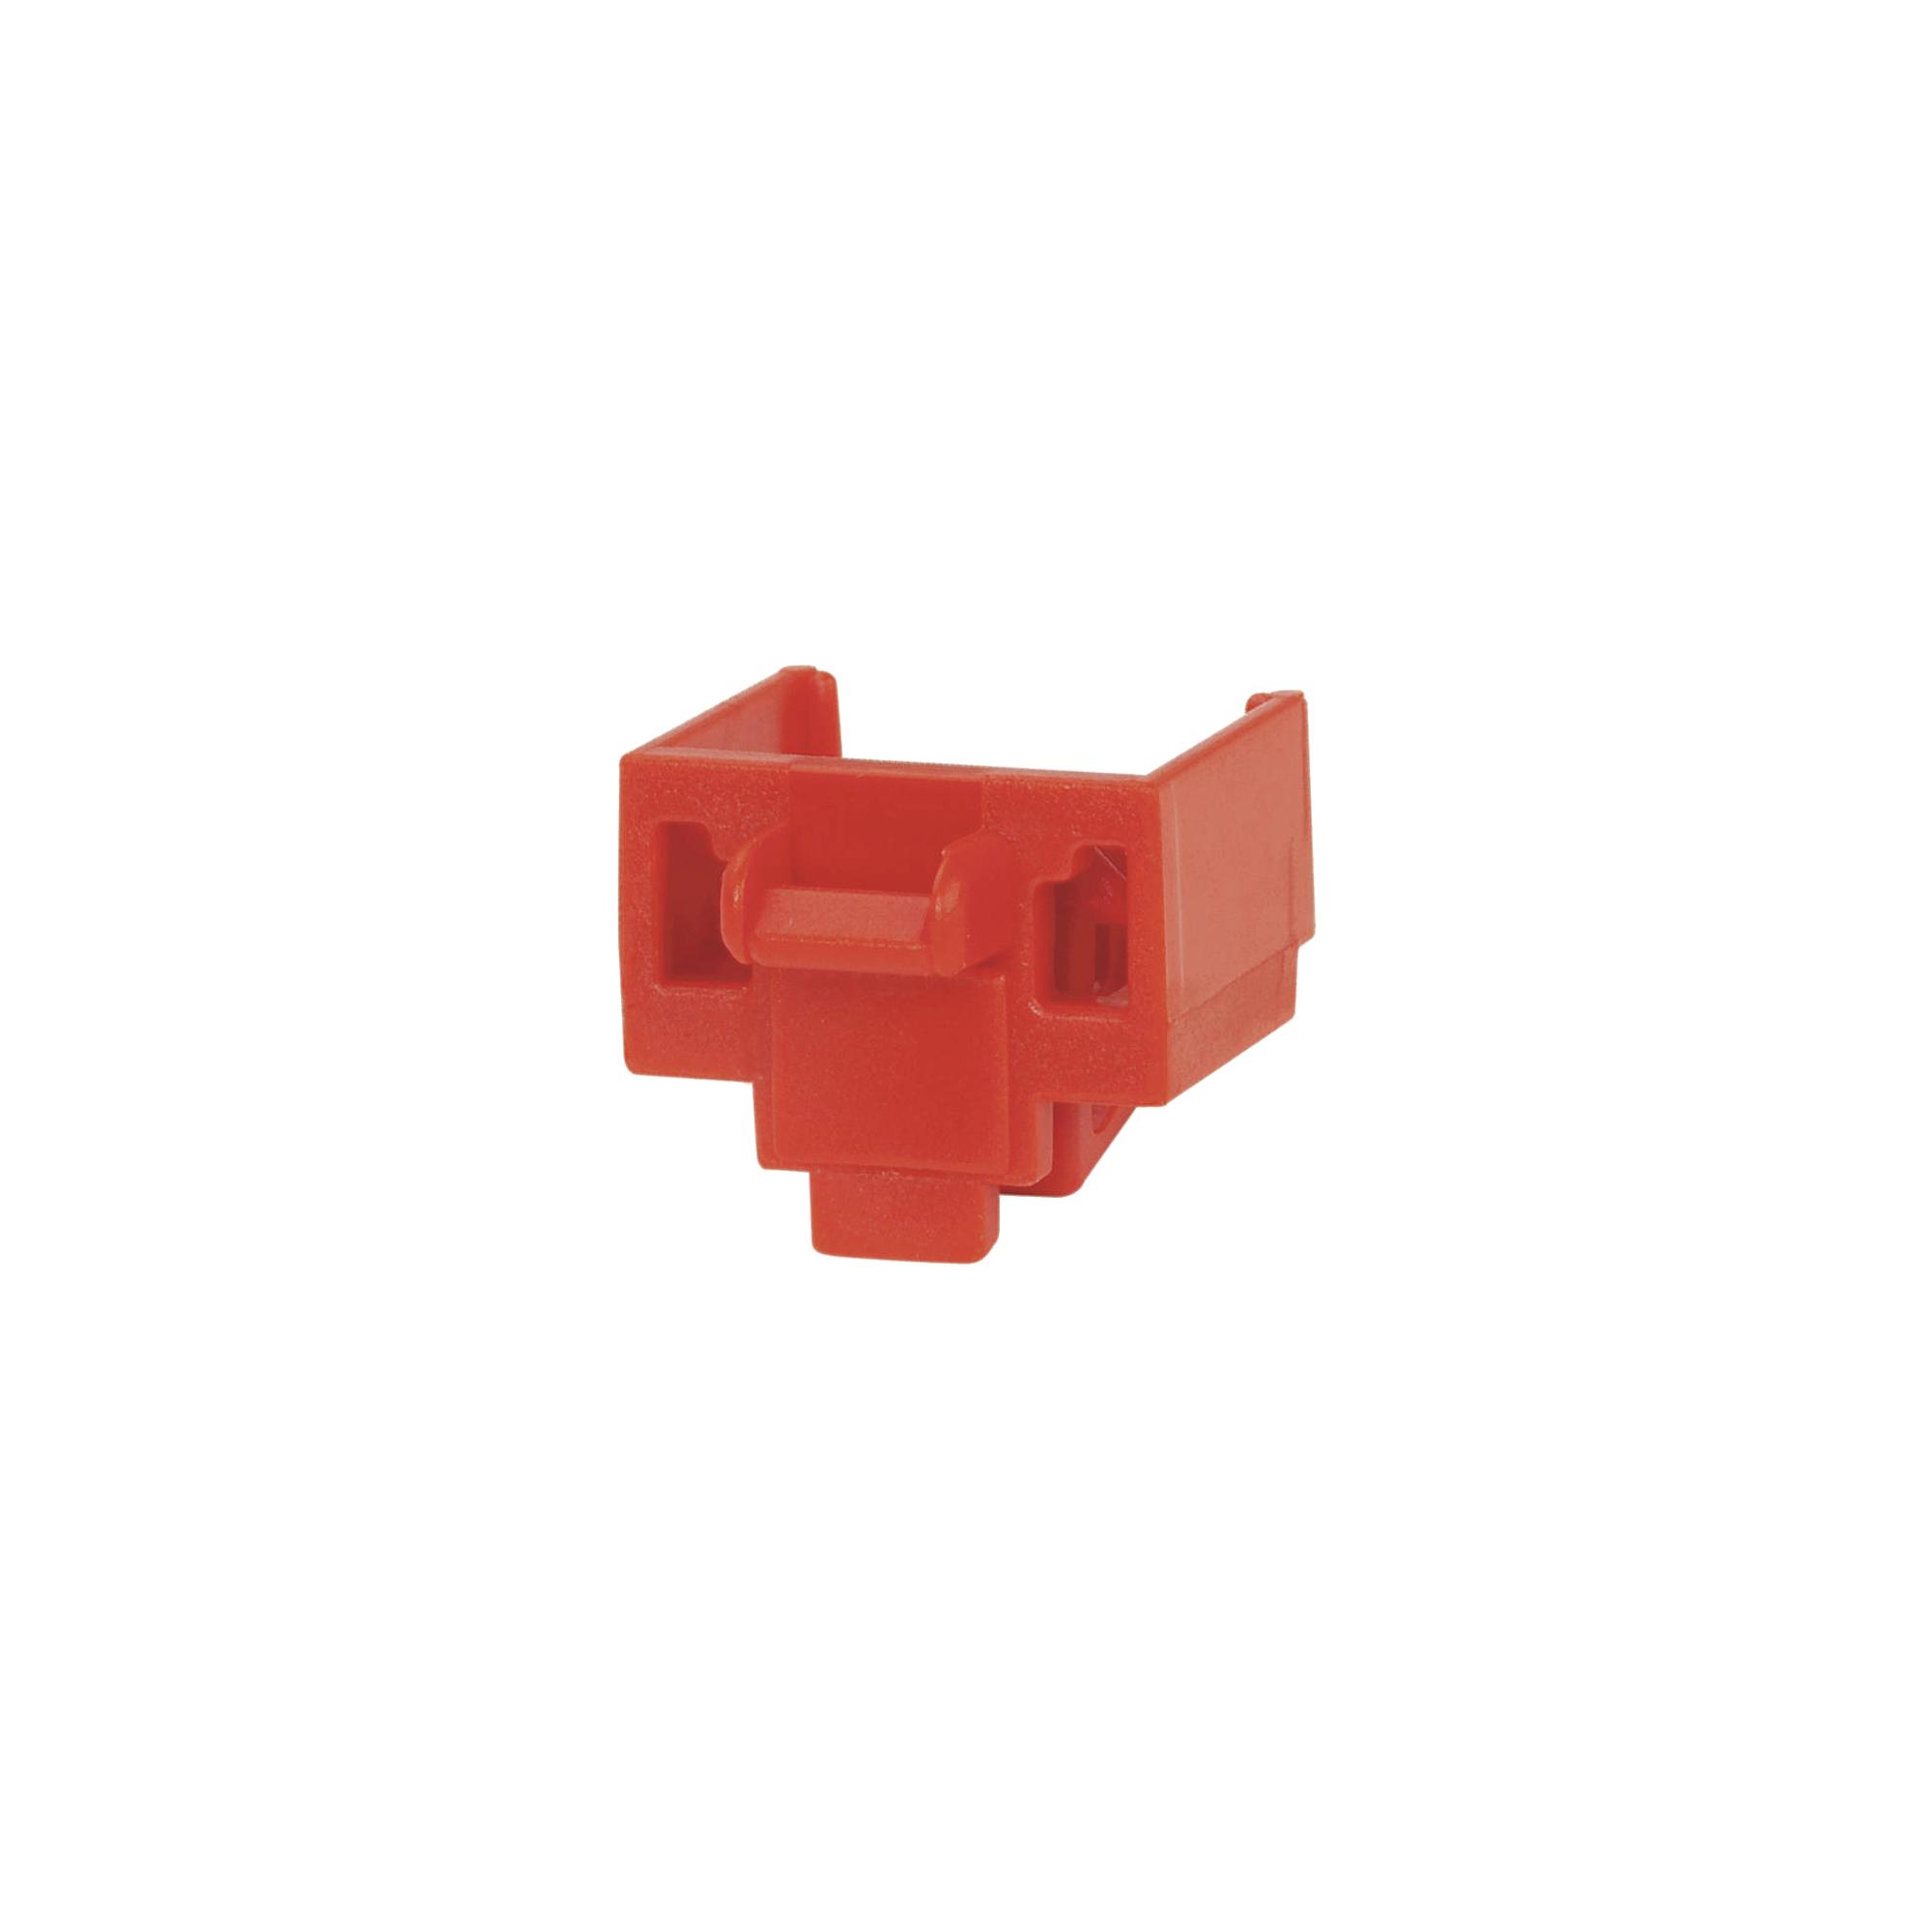 Kit de 10 Dispositivos para Bloquear Puertos RJ45, Color Rojo, Incluye Llave de Extracción